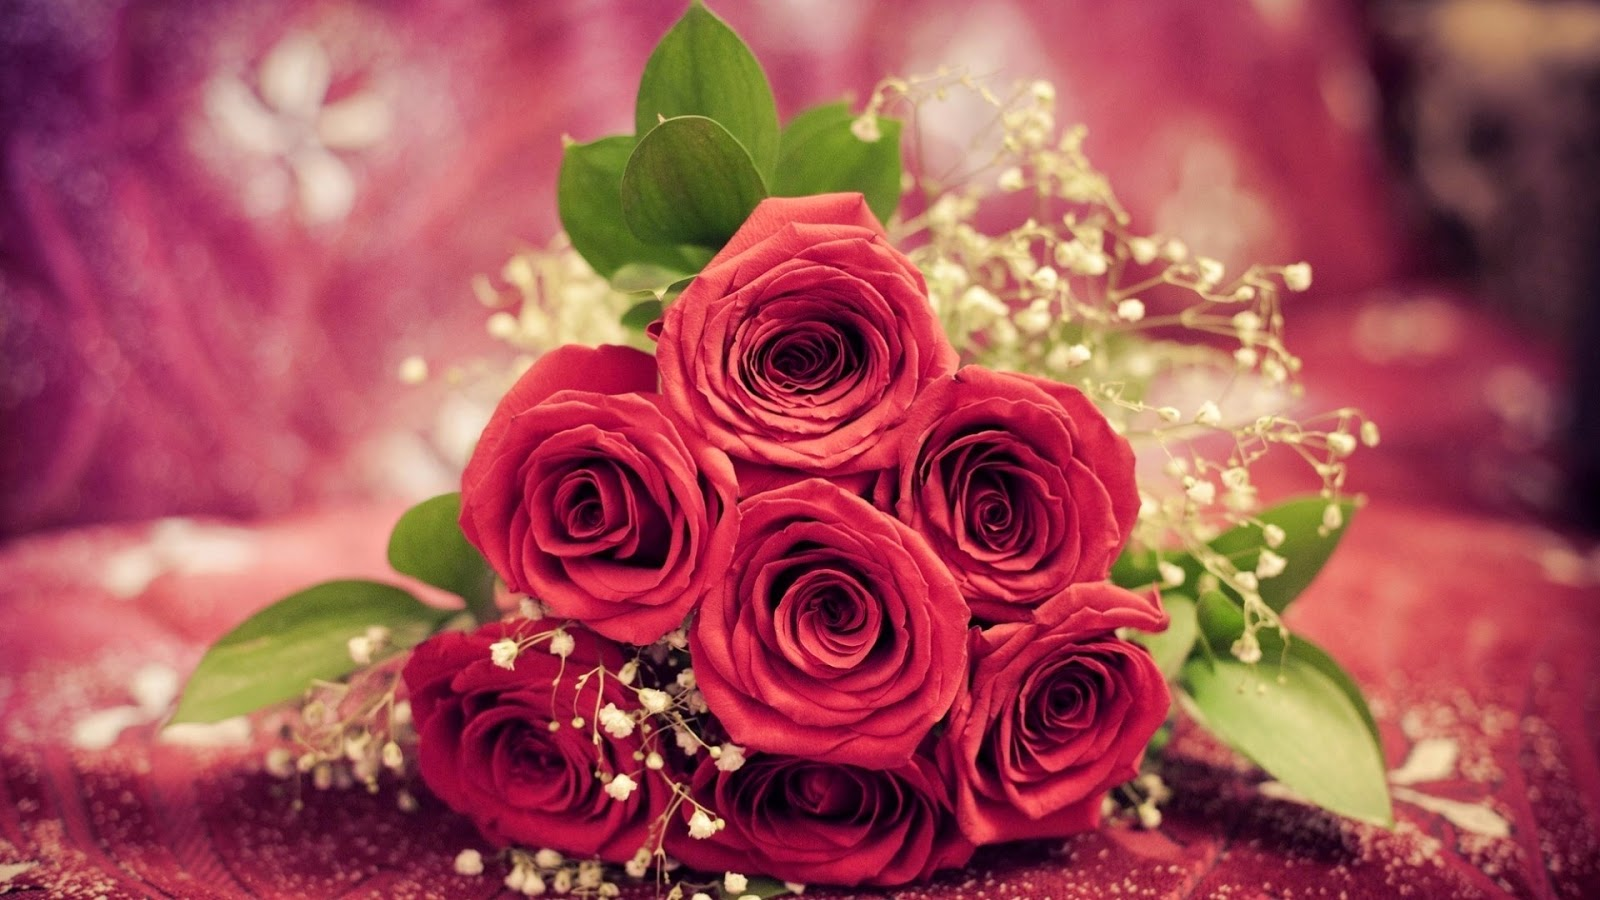 ส่งดอกไม้ วันวาเลนไทน์ 14 กุมภาพันธ์